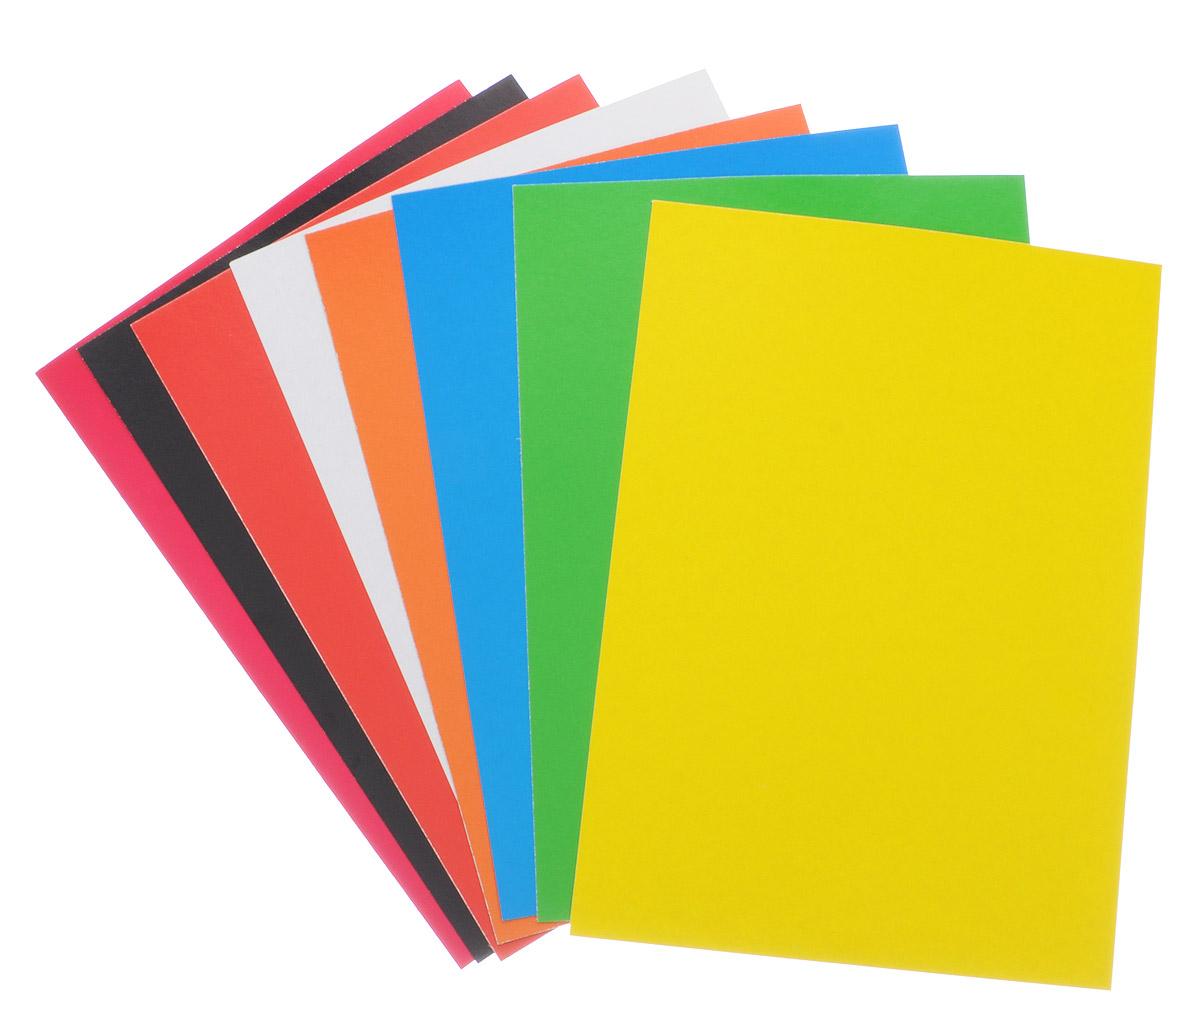 Набор цветного картона Studio позволит создавать всевозможные аппликации и поделки. Набор упакован в картонную папку с изображением цветных домиков на голубом фоне. Набор включает 8 листов одностороннего цветного картона формата А4. Цвета: желтый, красный, пурпурный, зеленый, синий, белый, оранжевый, черный.  Создание поделок из цветного картона позволяет ребенку развивать творческие способности, кроме того, это увлекательный досуг.